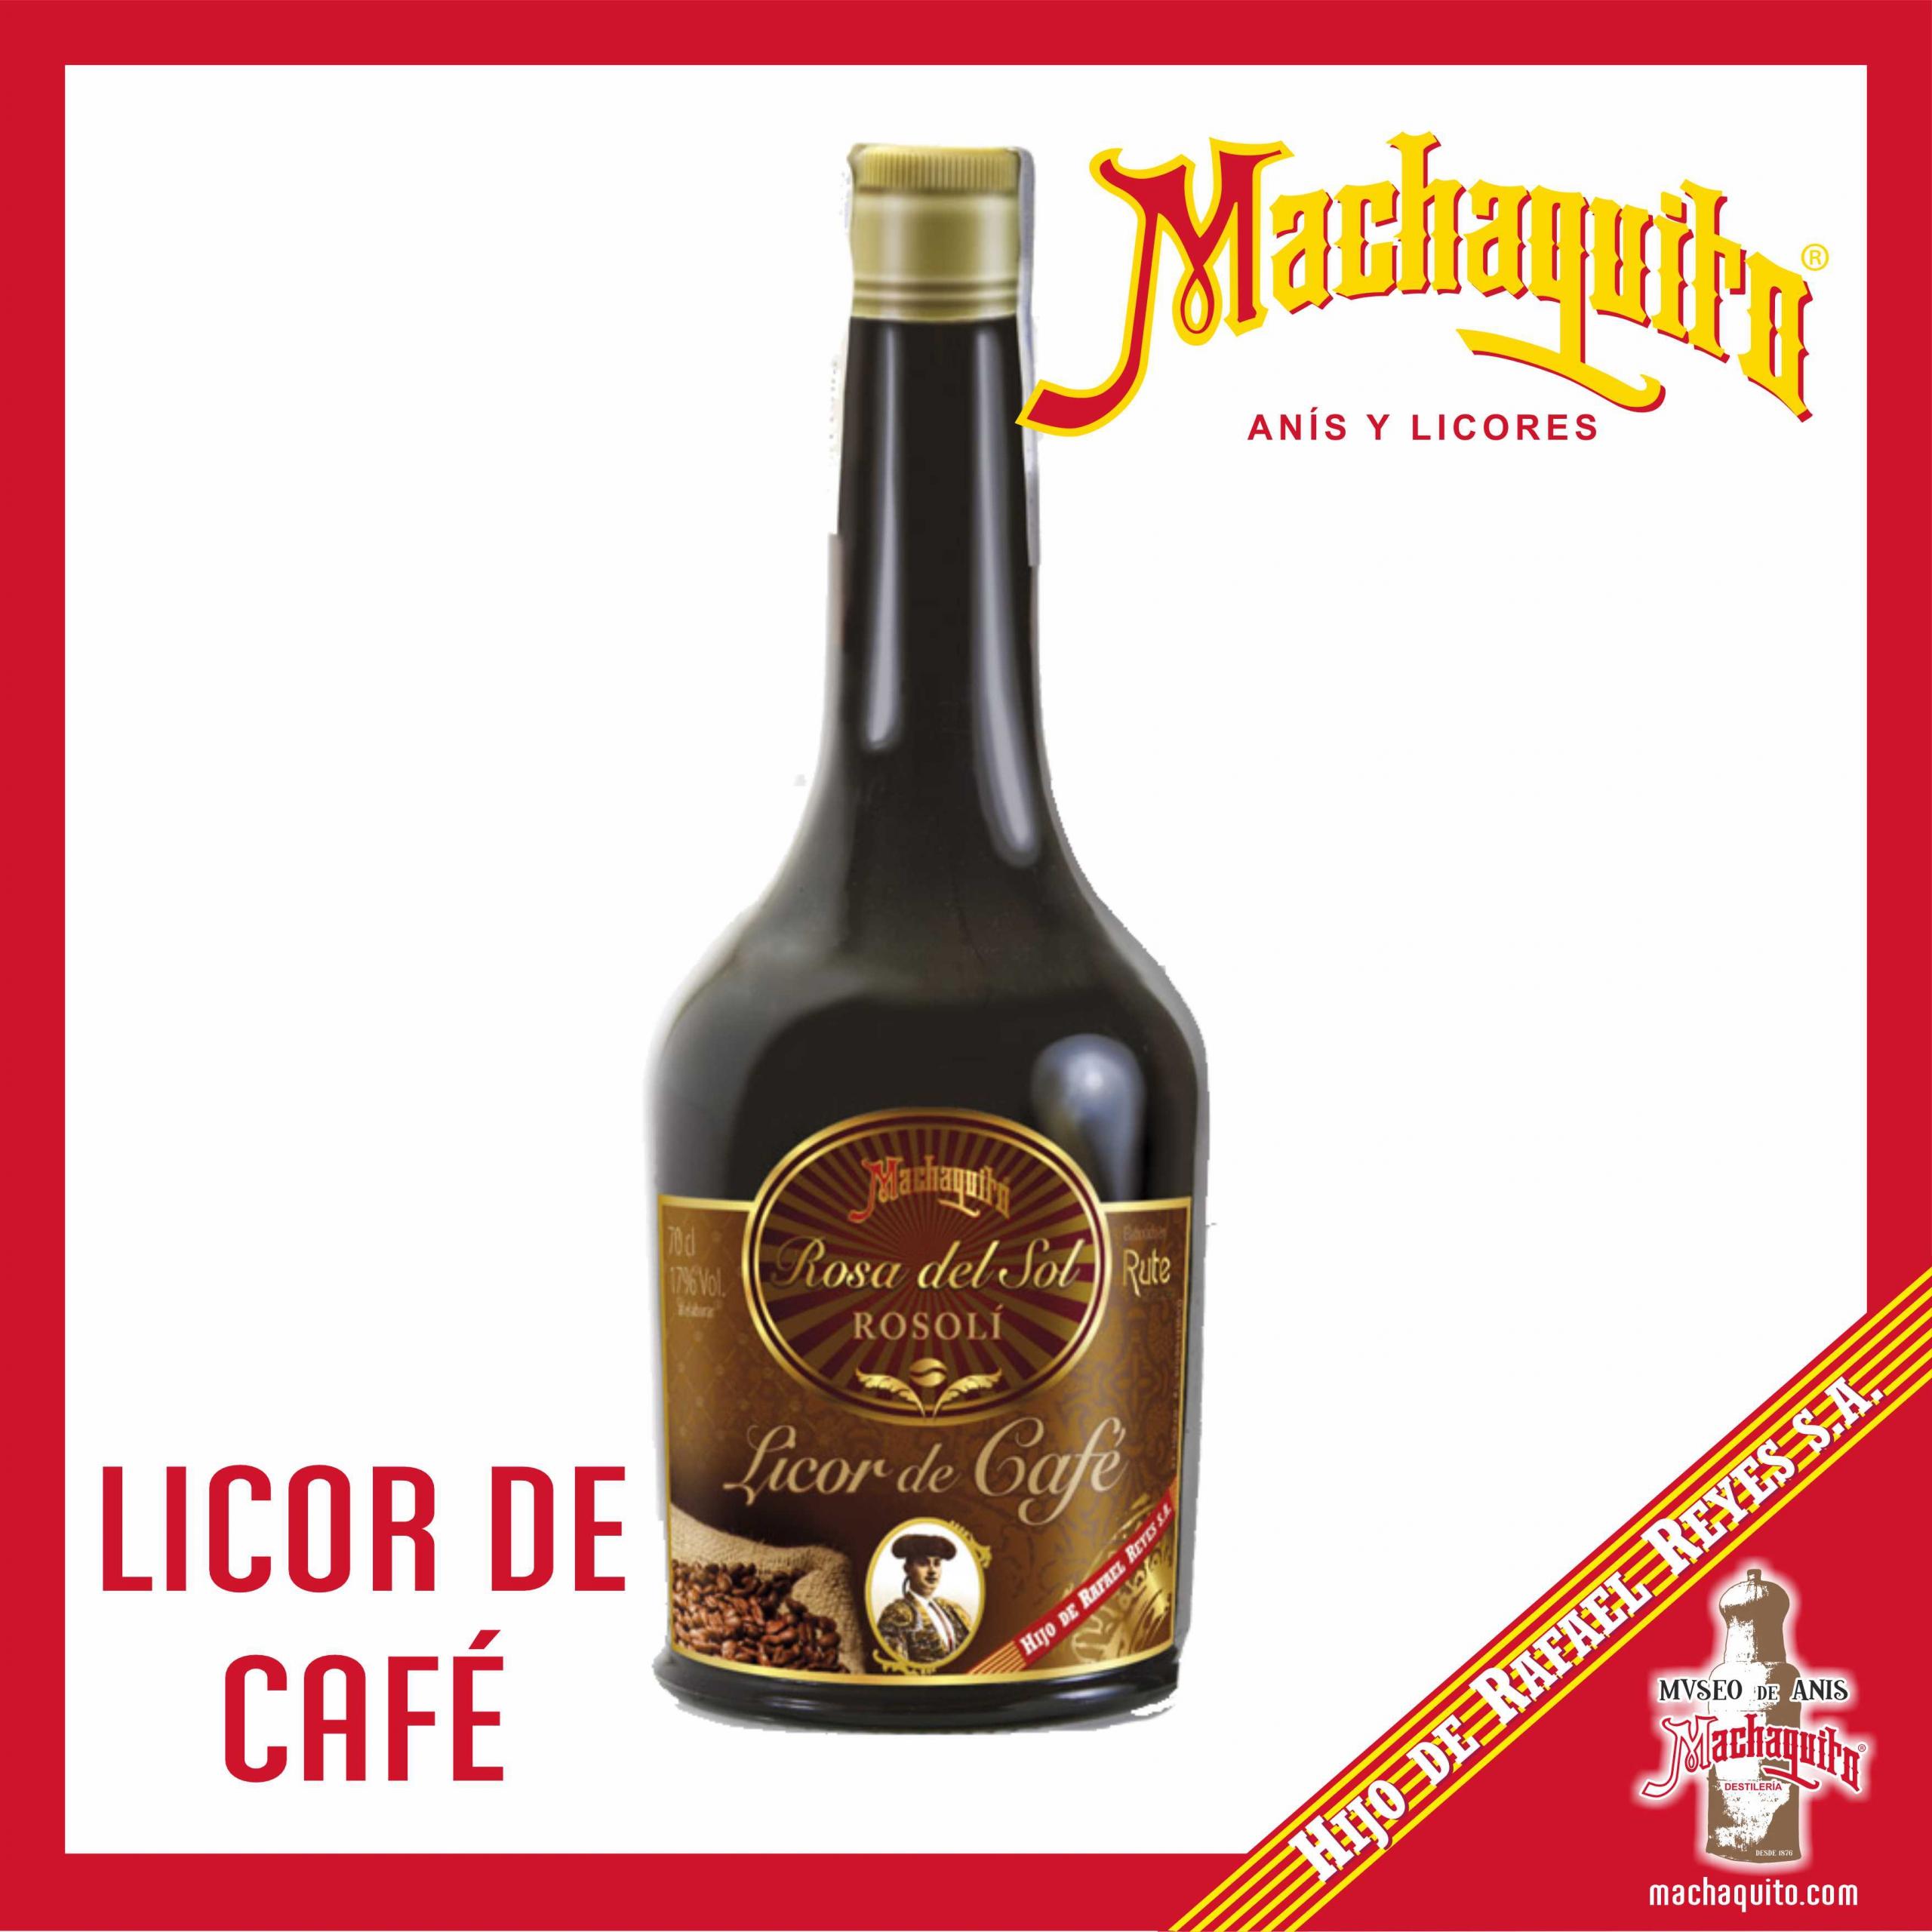 LICOR DE CAFE